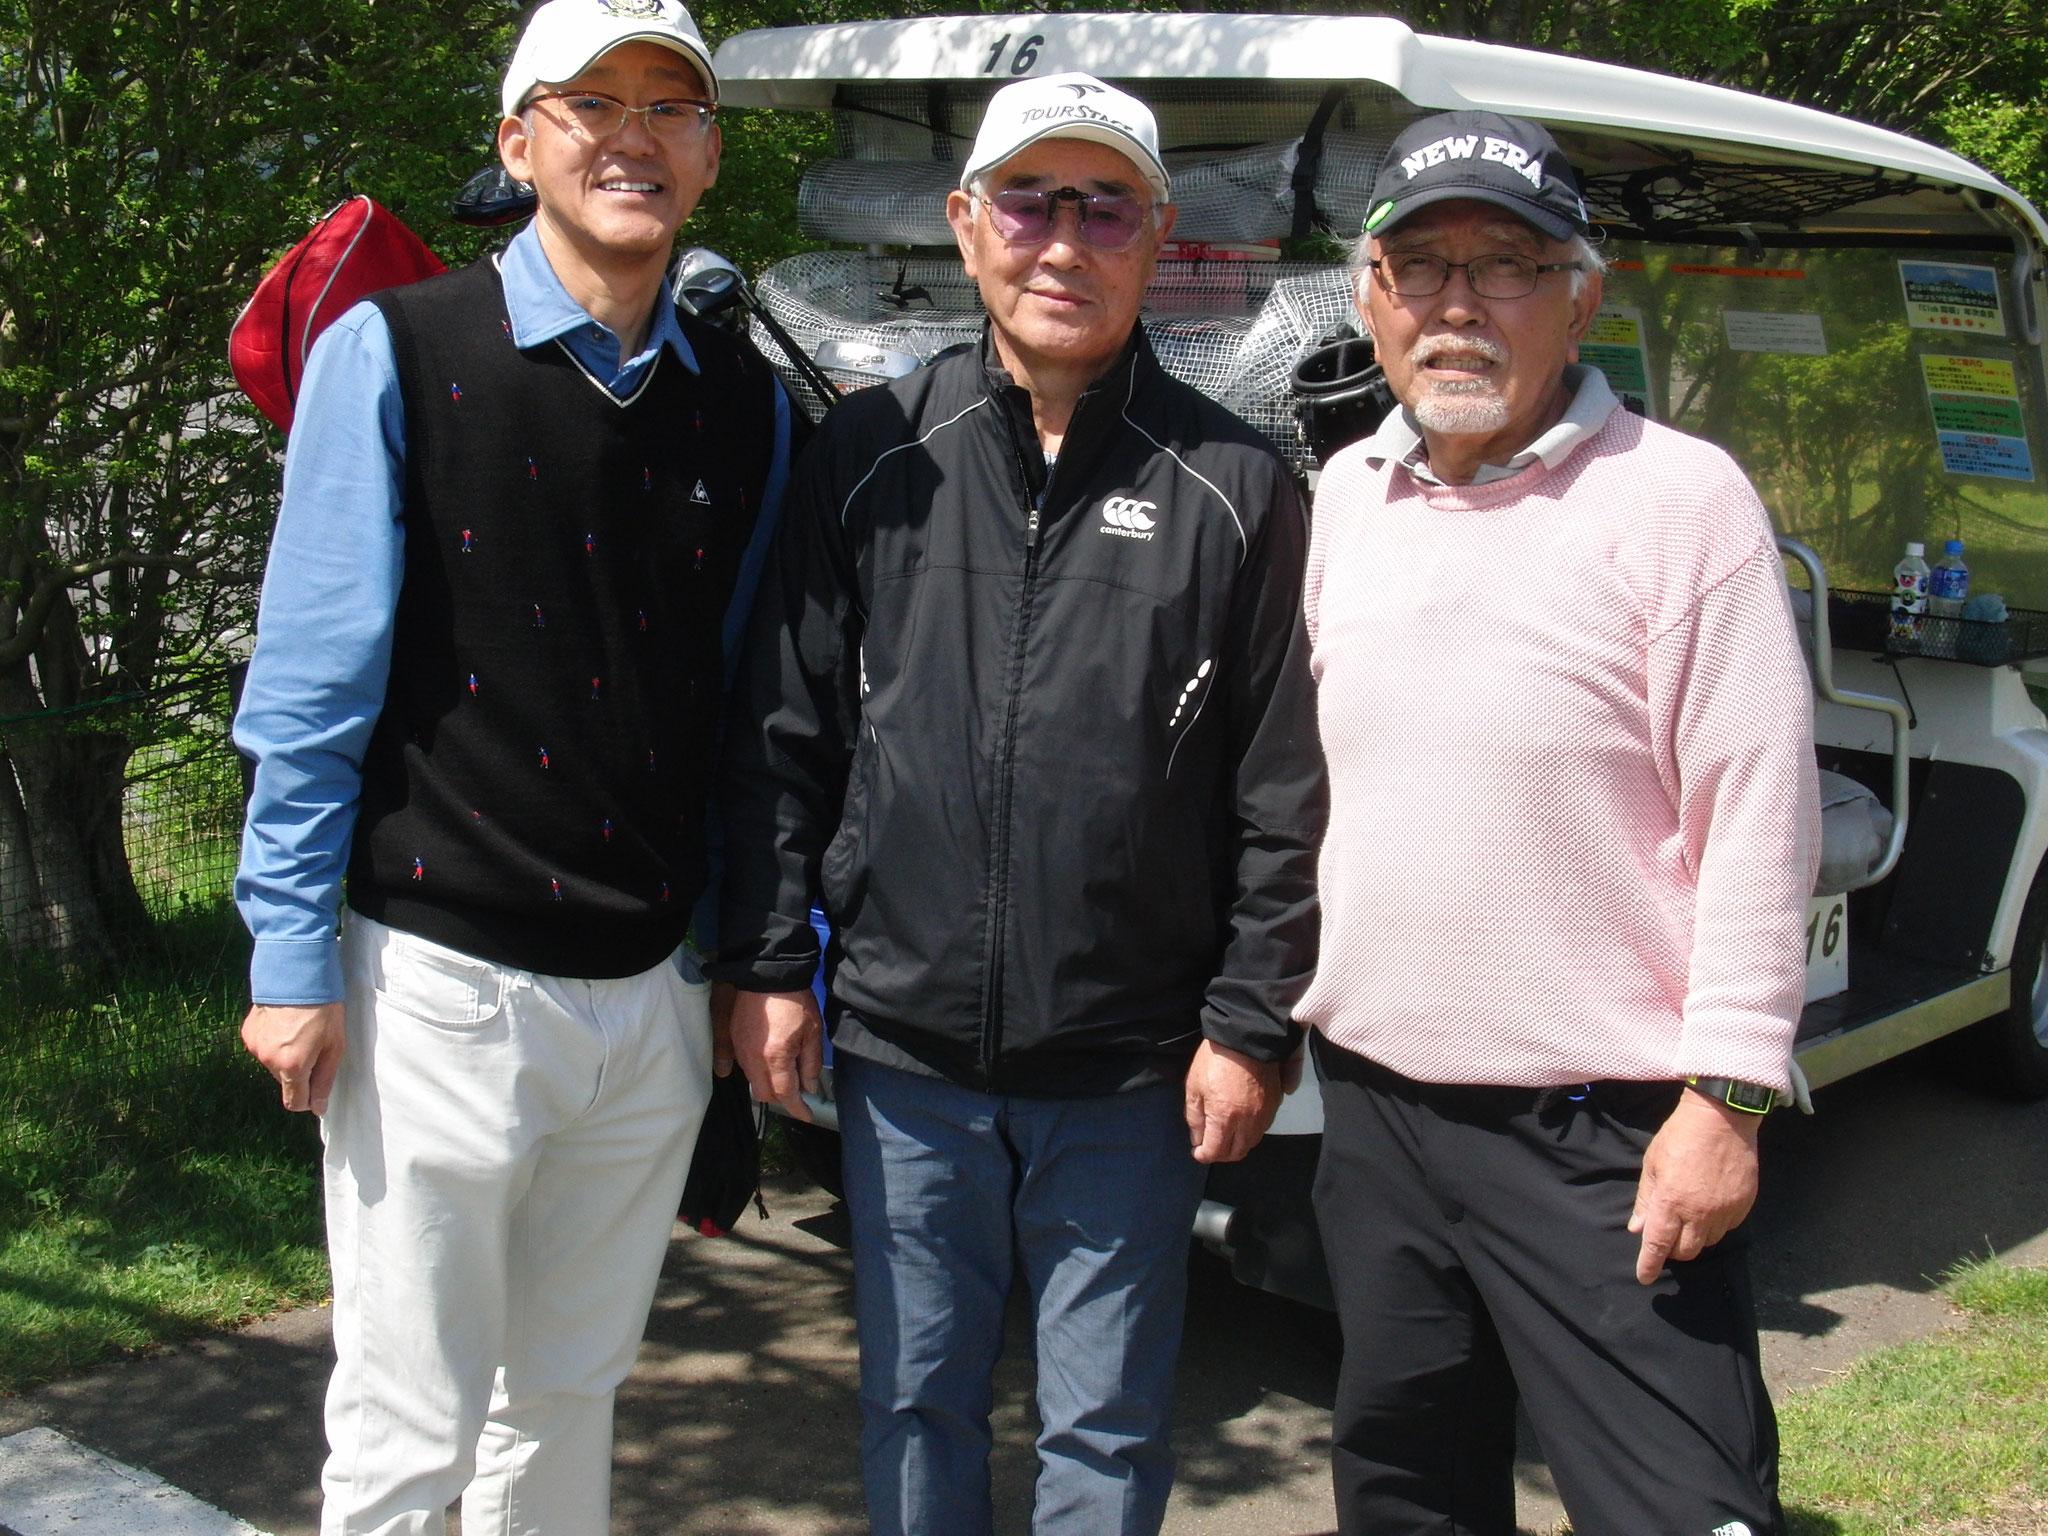 付録 大島さん途中リタイアの為、写真班の残りメンバー記念写真